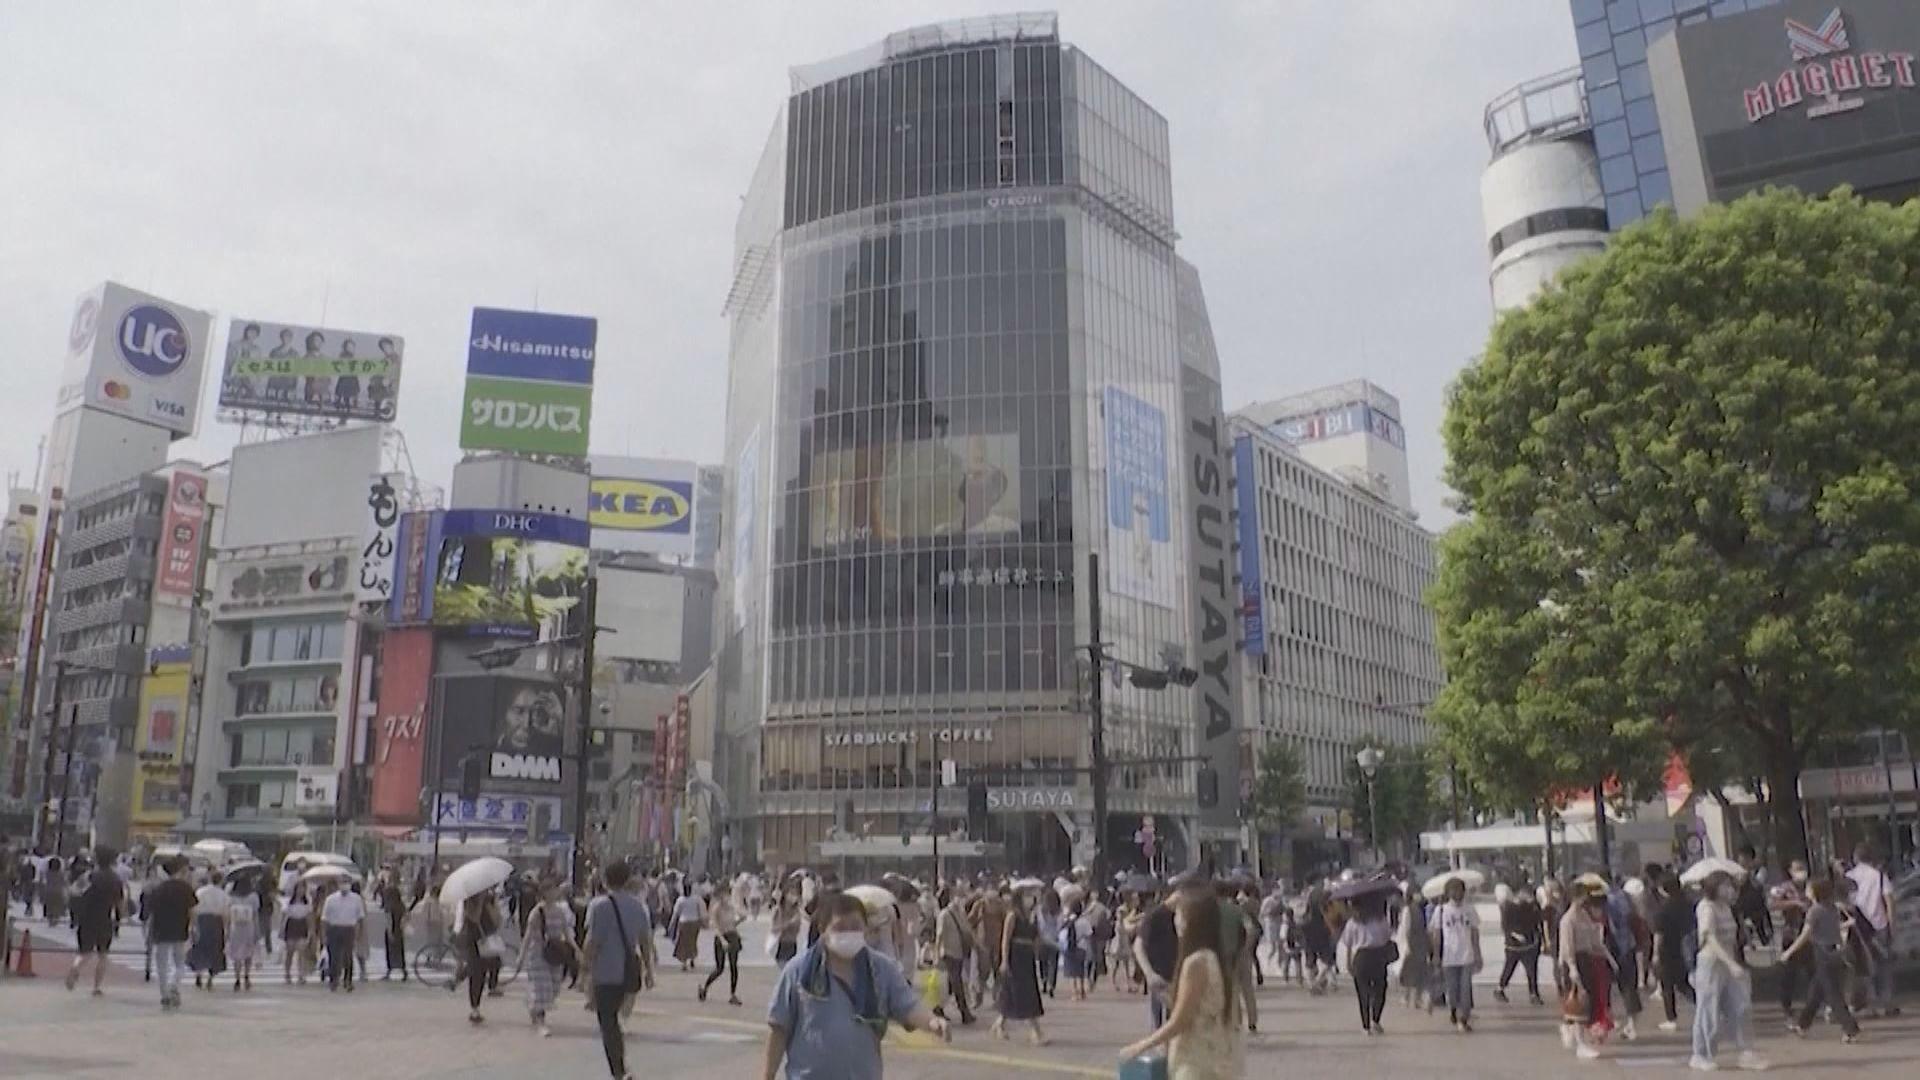 日本增逾九千宗確診創新高 東京都知事:推動年輕人接種疫苗為抗疫關鍵